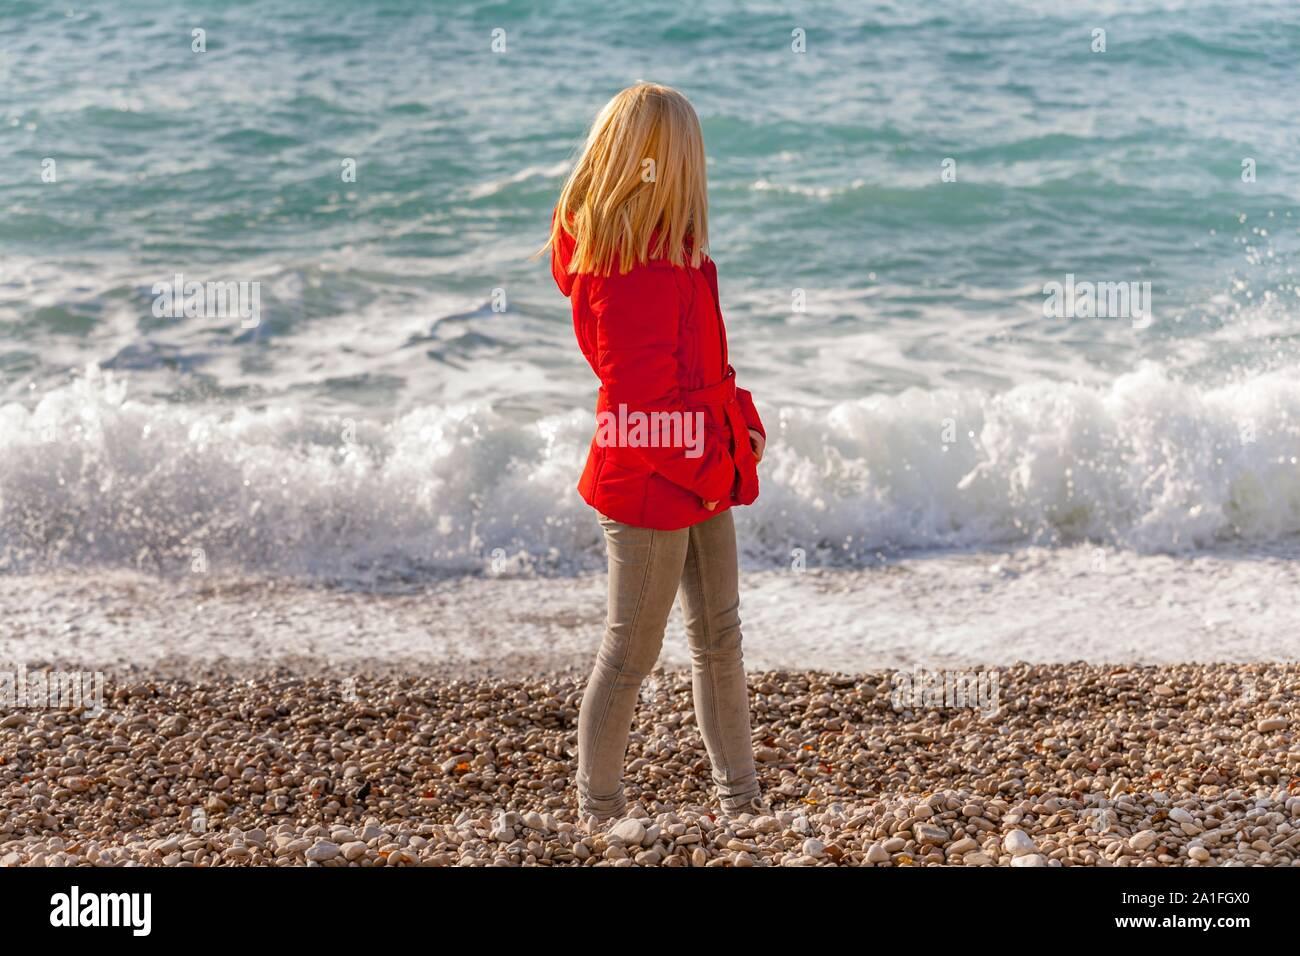 Teen girl blond blonde fair-hair looking away view from back rear behind wearing denim denims pants and Red jacket seaside beach coastline shoreline Stock Photo